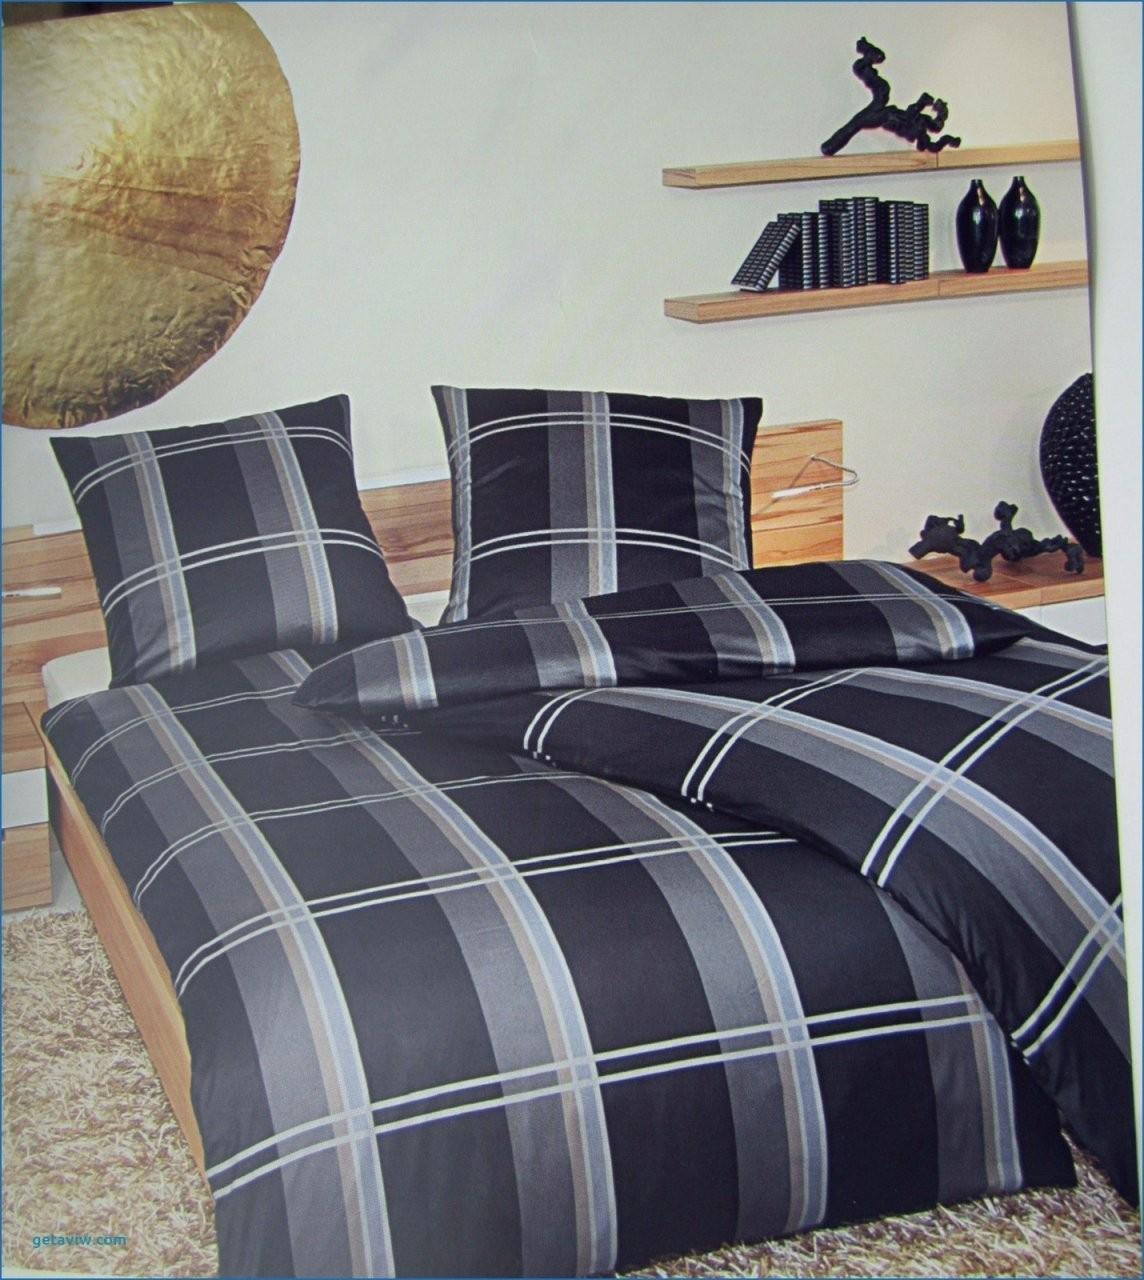 Bierbaum Bettwäsche Werksverkauf  Dekorieren Bei Das Haus von Bettwäsche Bierbaum Werksverkauf Bild